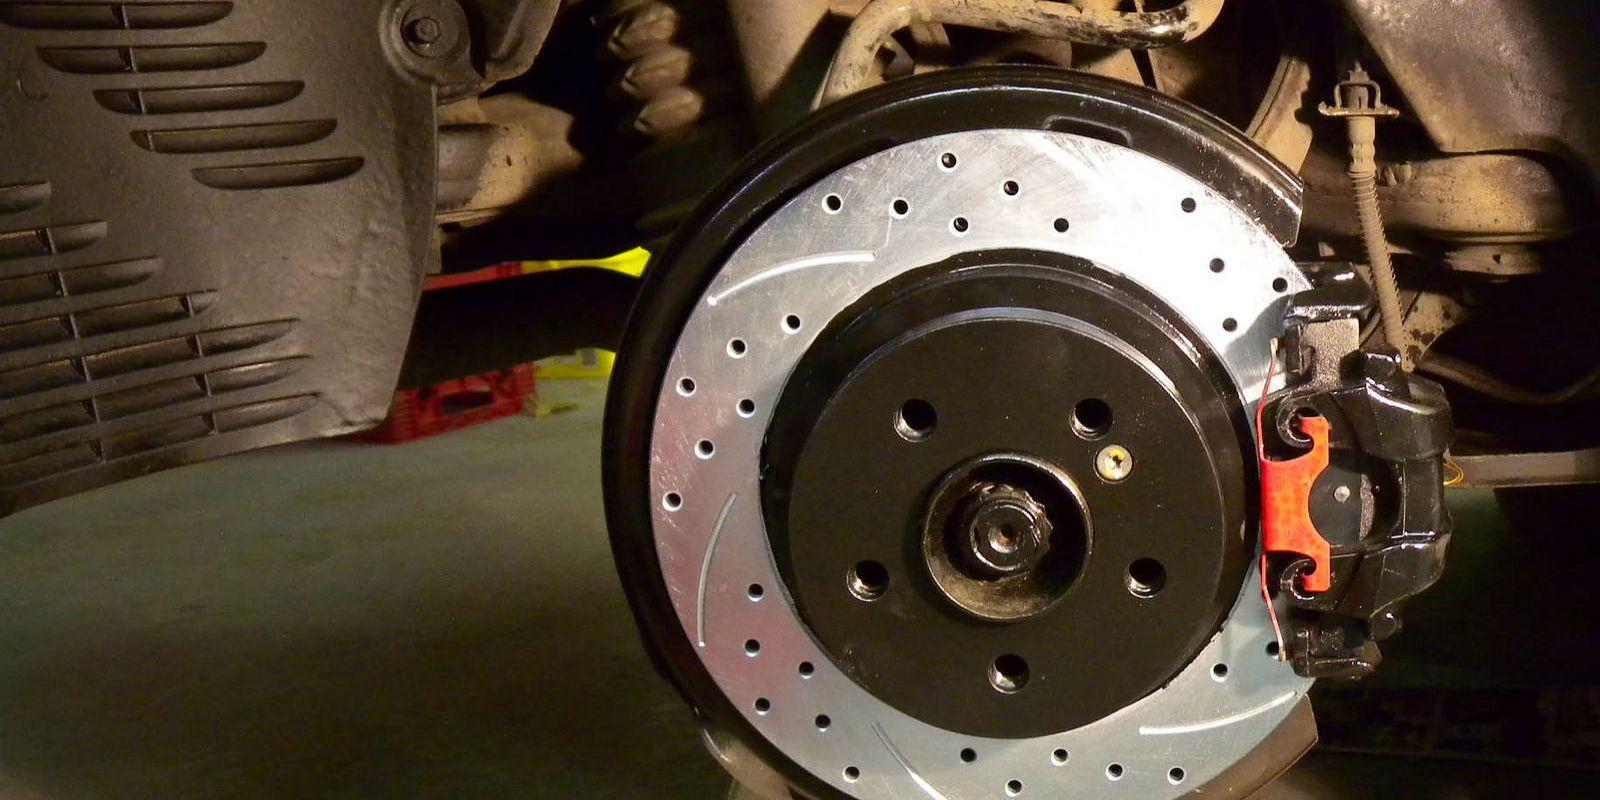 AntiLock Brakes  ABS Brakes Troubleshooting  How to